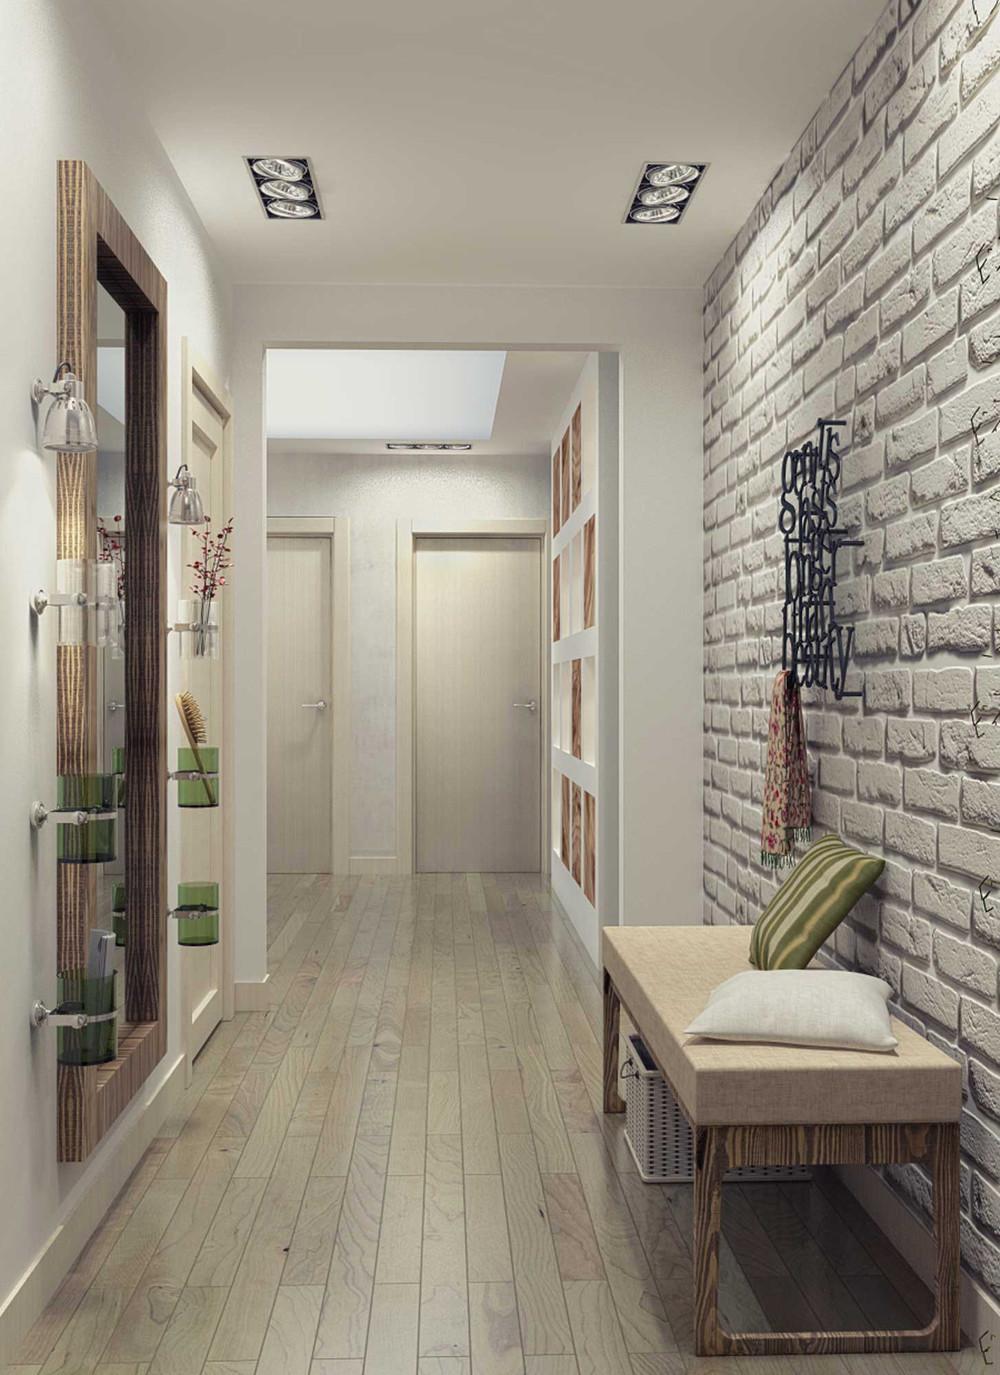 Дизайн узкого коридора с декоративным камнем